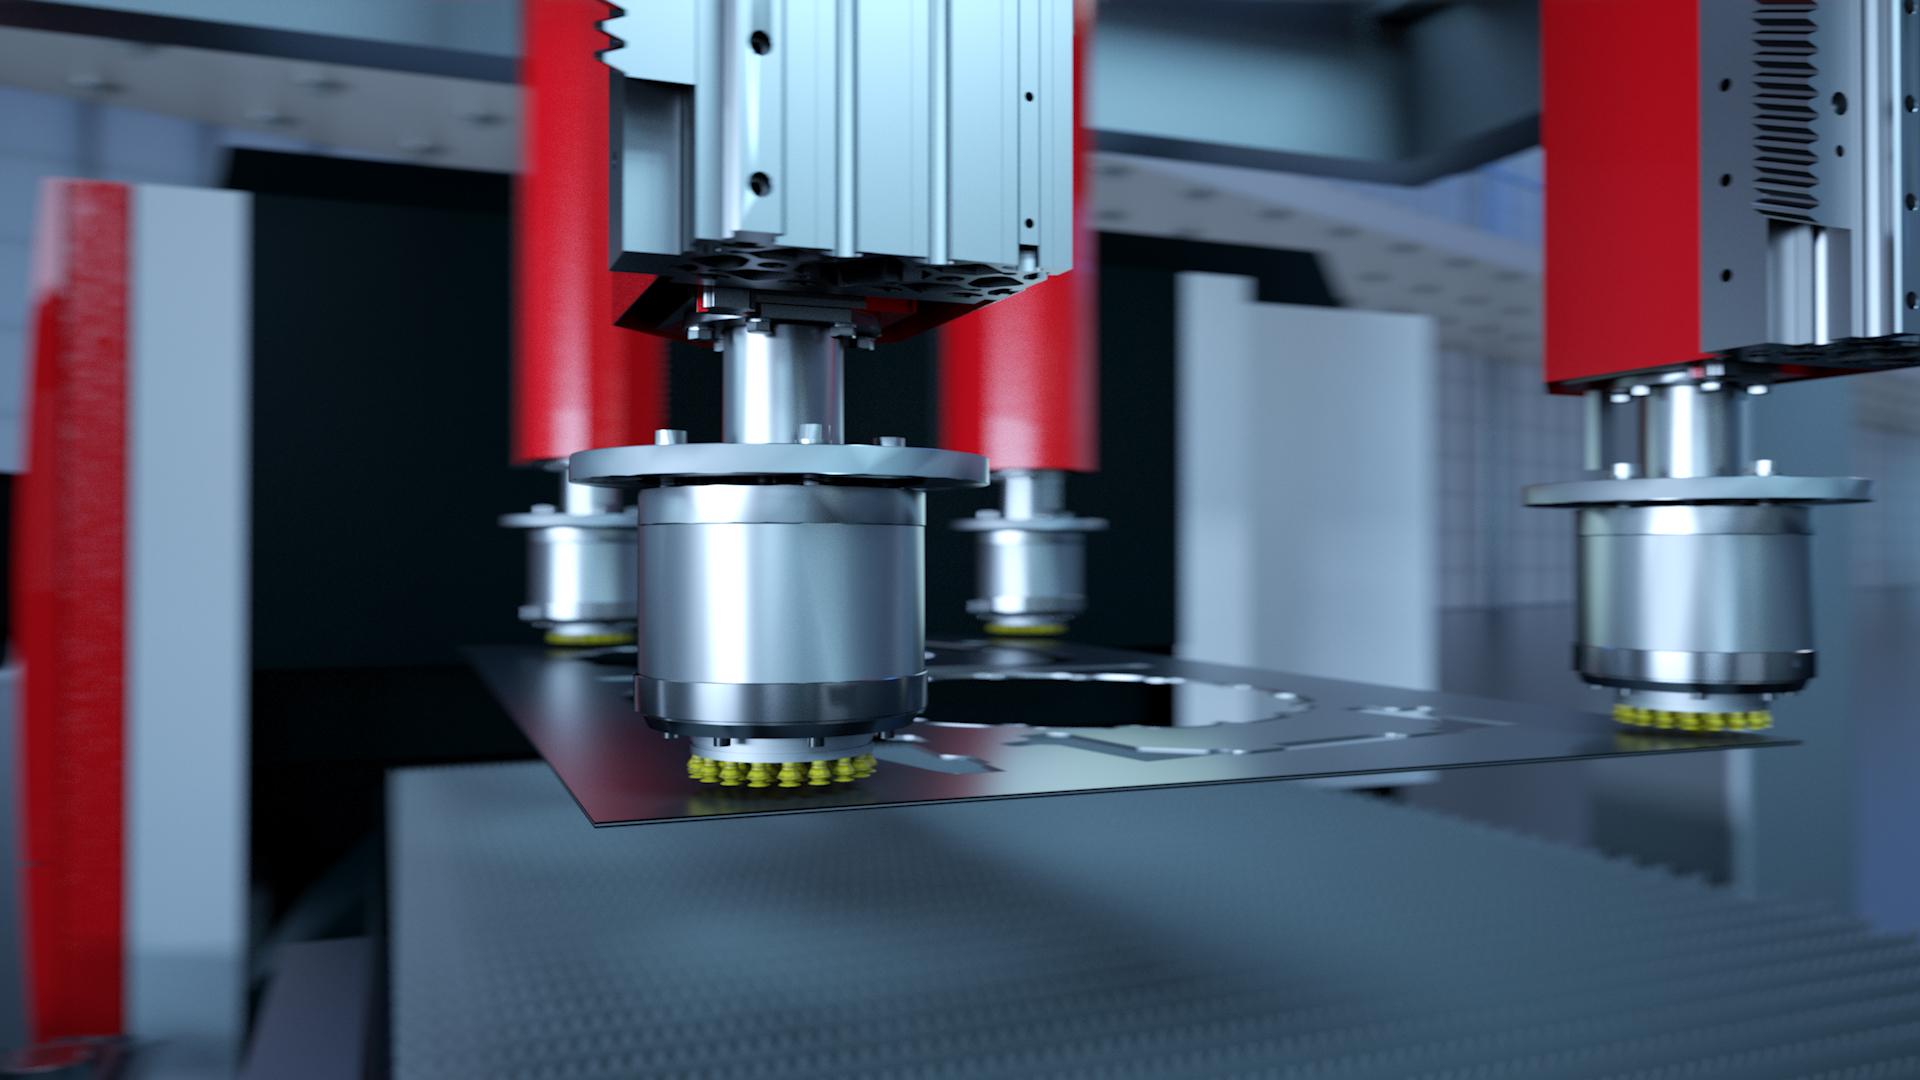 Produkte mit 3D-Grafiken darstellen